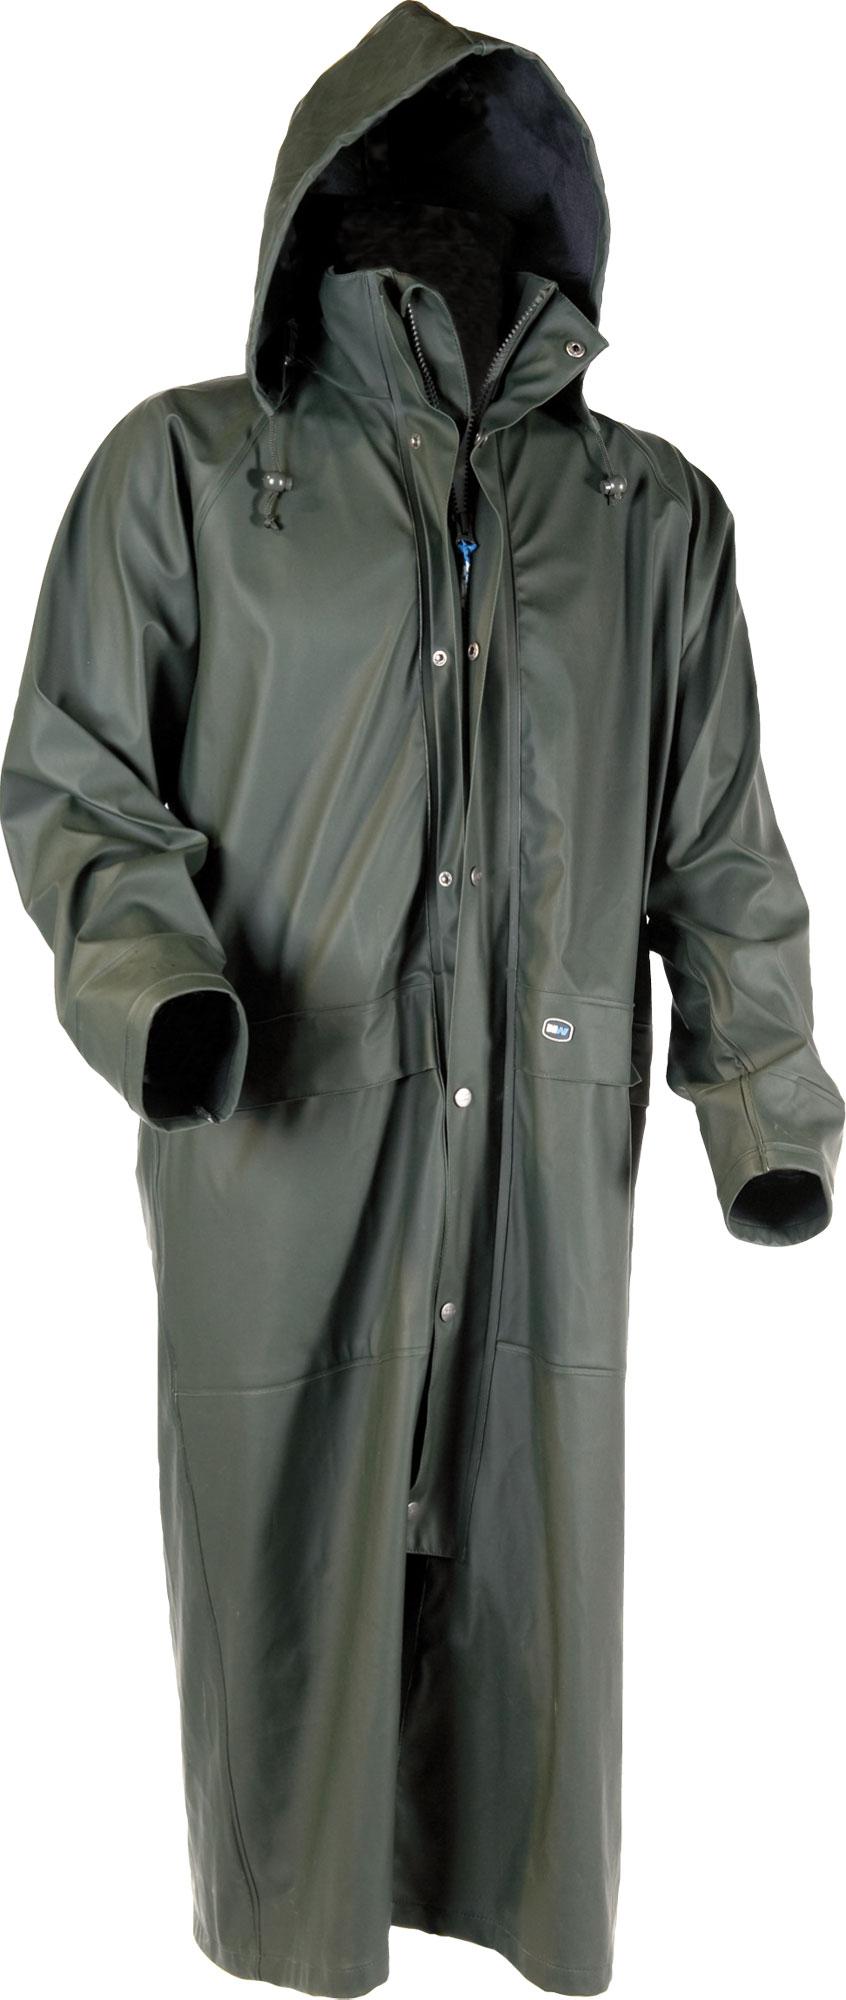 Vêtement de pluie : voici où j'achète les miens